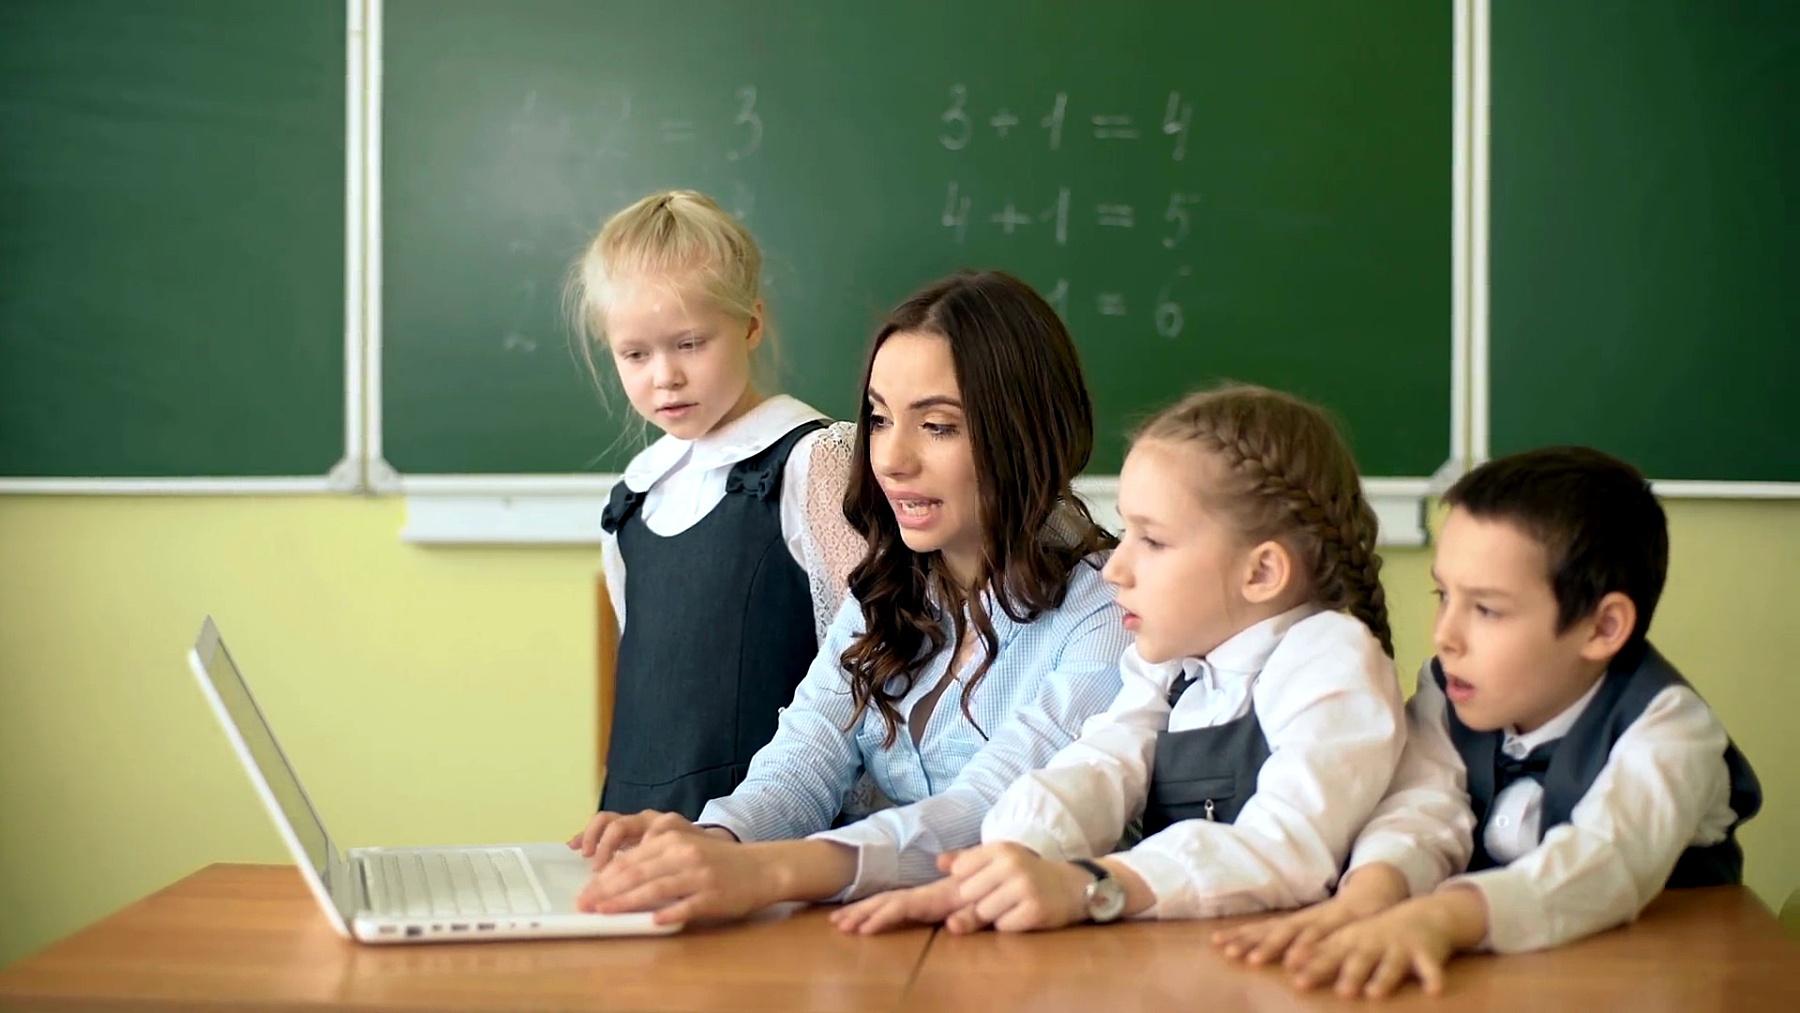 孩子们和老师在教室里讨论和看笔记本电脑